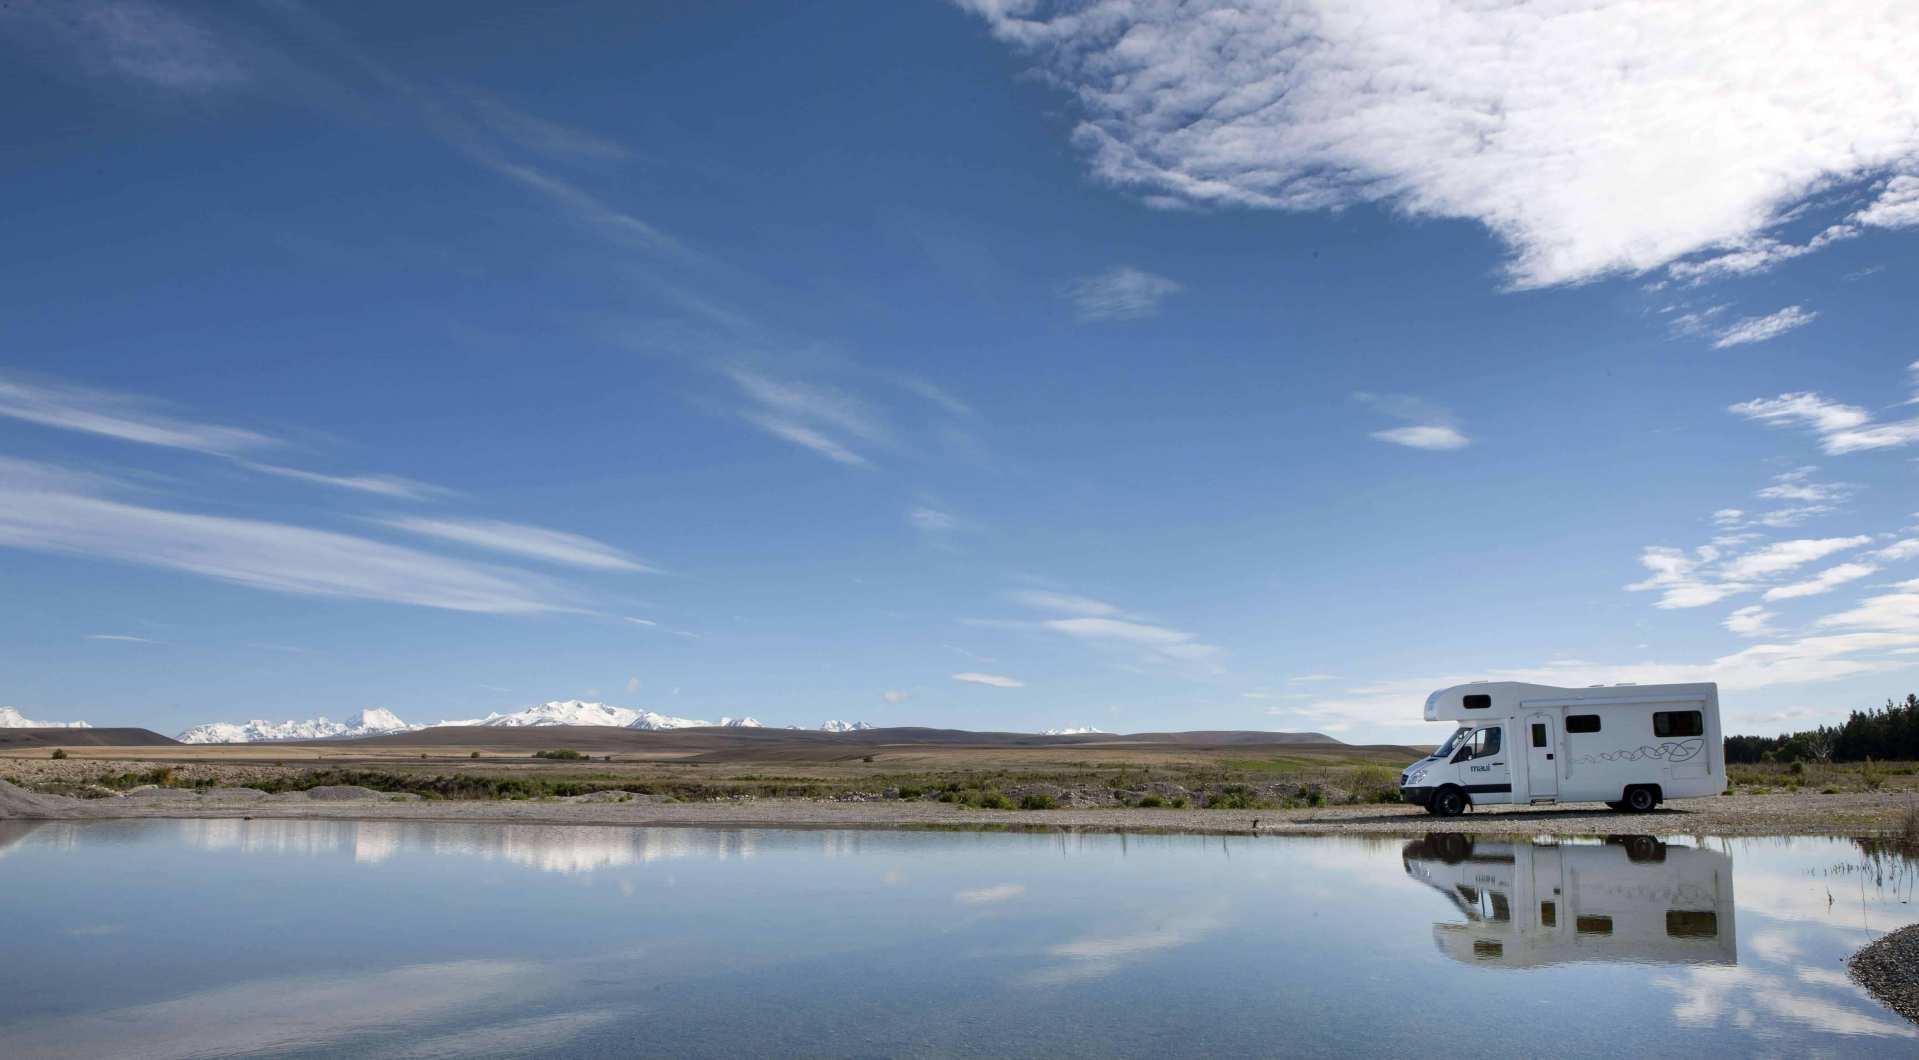 【紐西蘭租車】MAUI 六人座河畔型露營車(奧克蘭取 / 奧克蘭還)